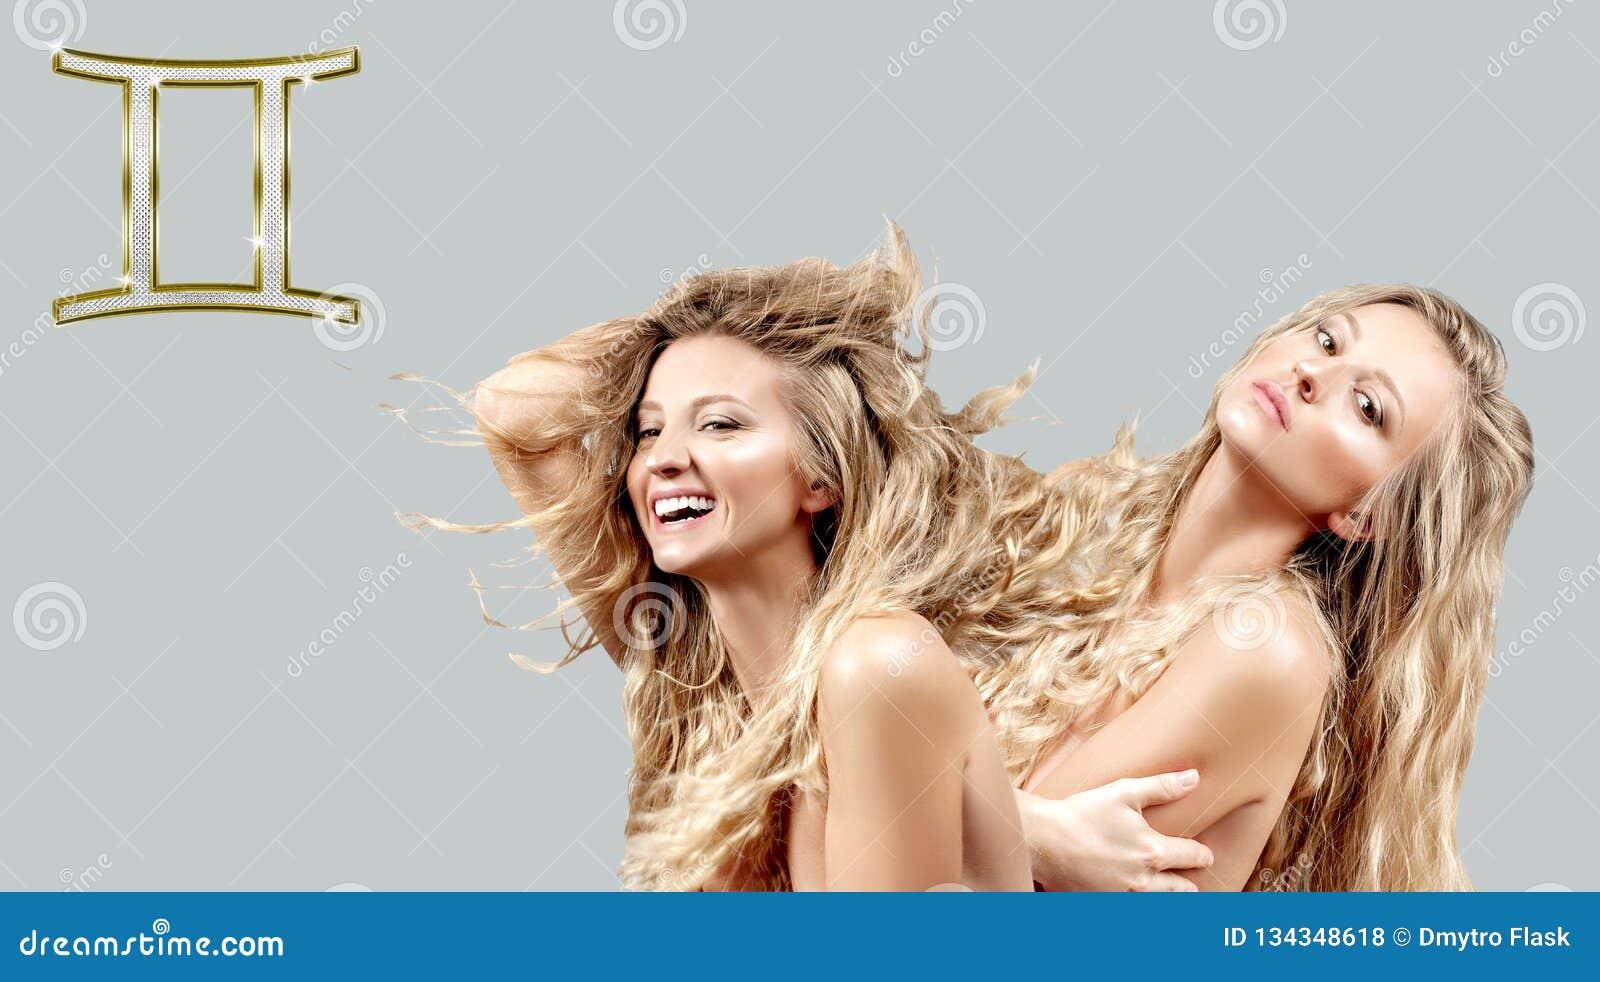 Astrologie und Horoskop Gemini Zodiac Sign, zwei Schönheiten mit dem gelockten langen Haar